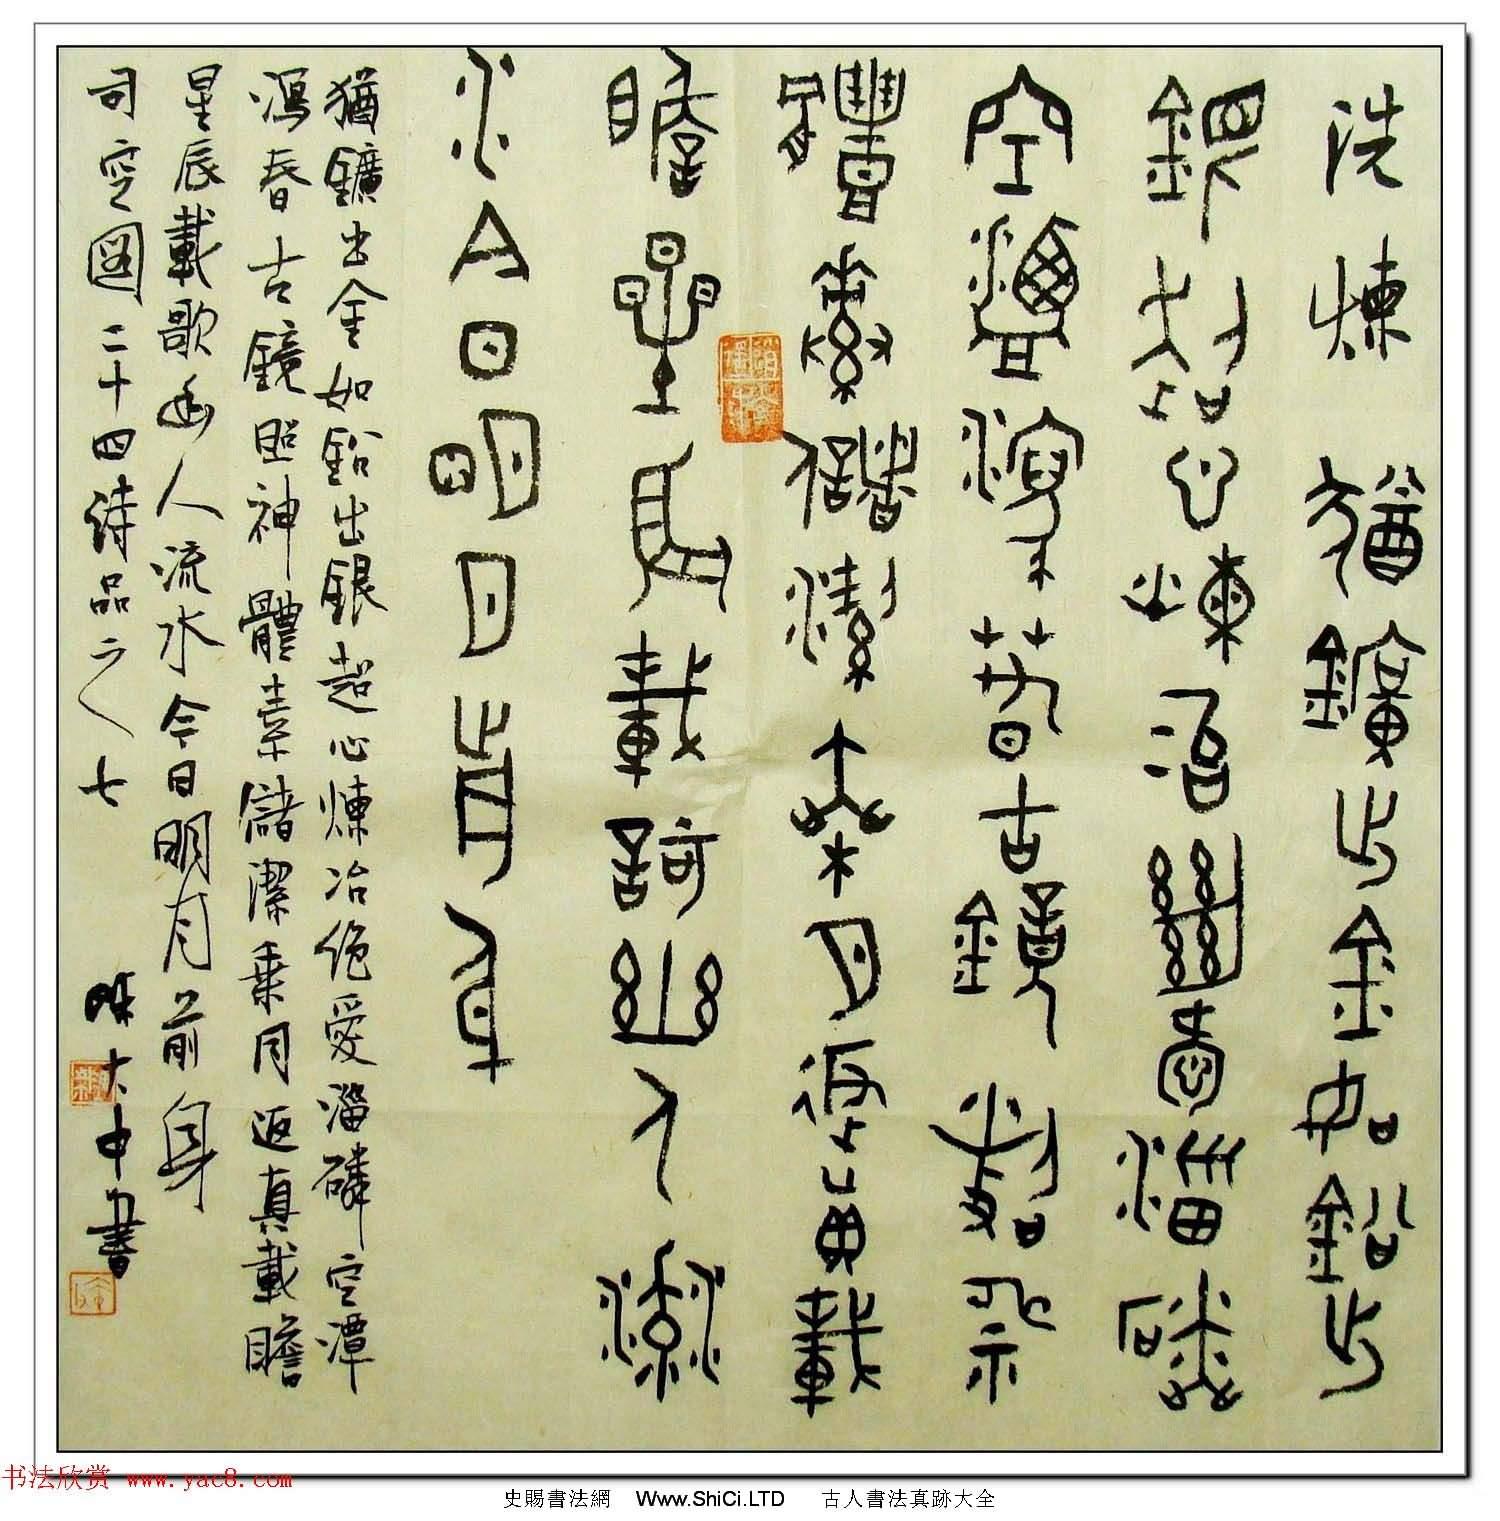 陳大中書法冊頁欣賞《司空圖二十四詩品》